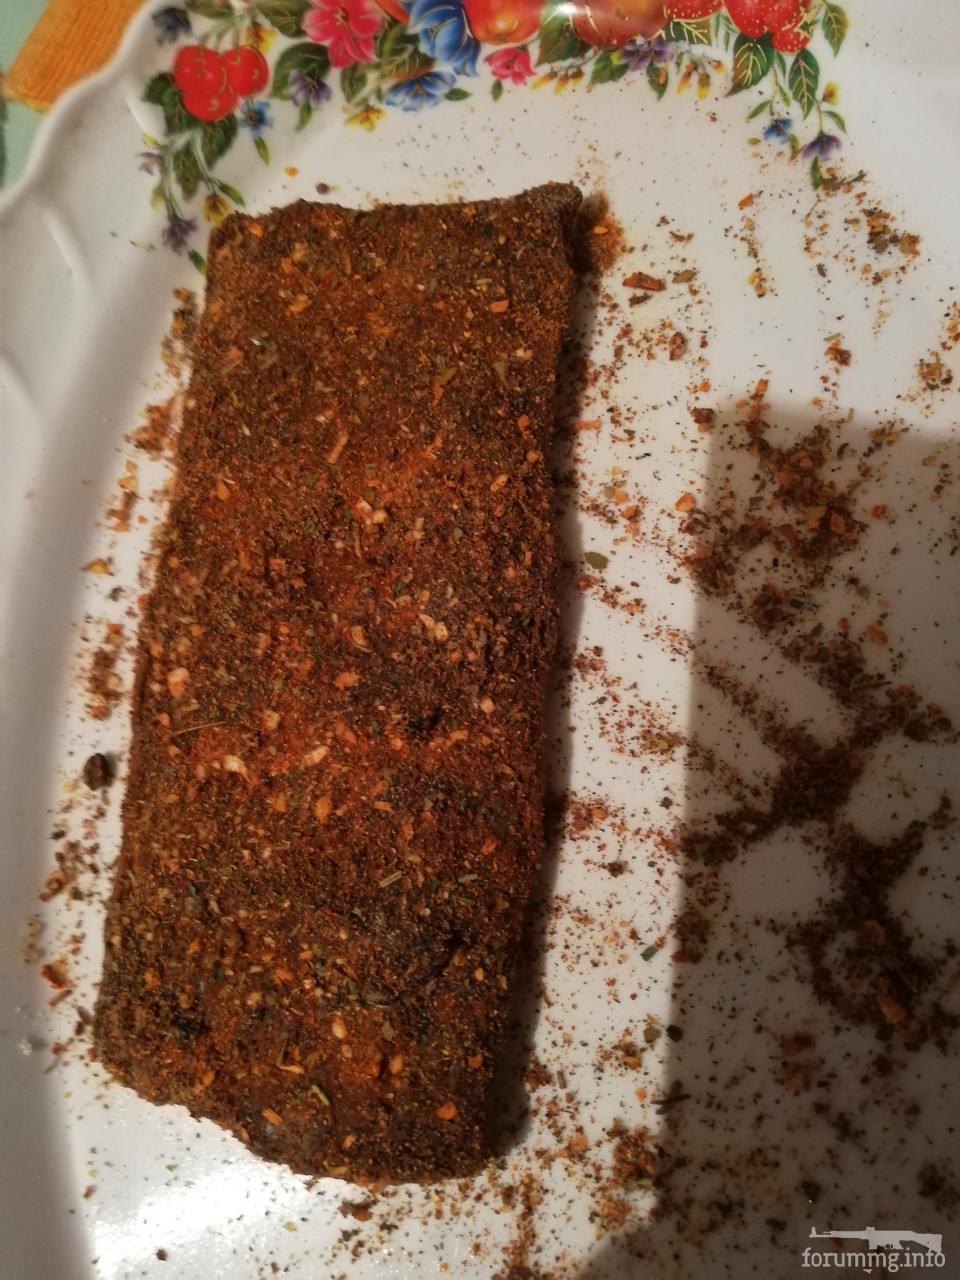 117656 - Закуски на огне (мангал, барбекю и т.д.) и кулинария вообще. Советы и рецепты.